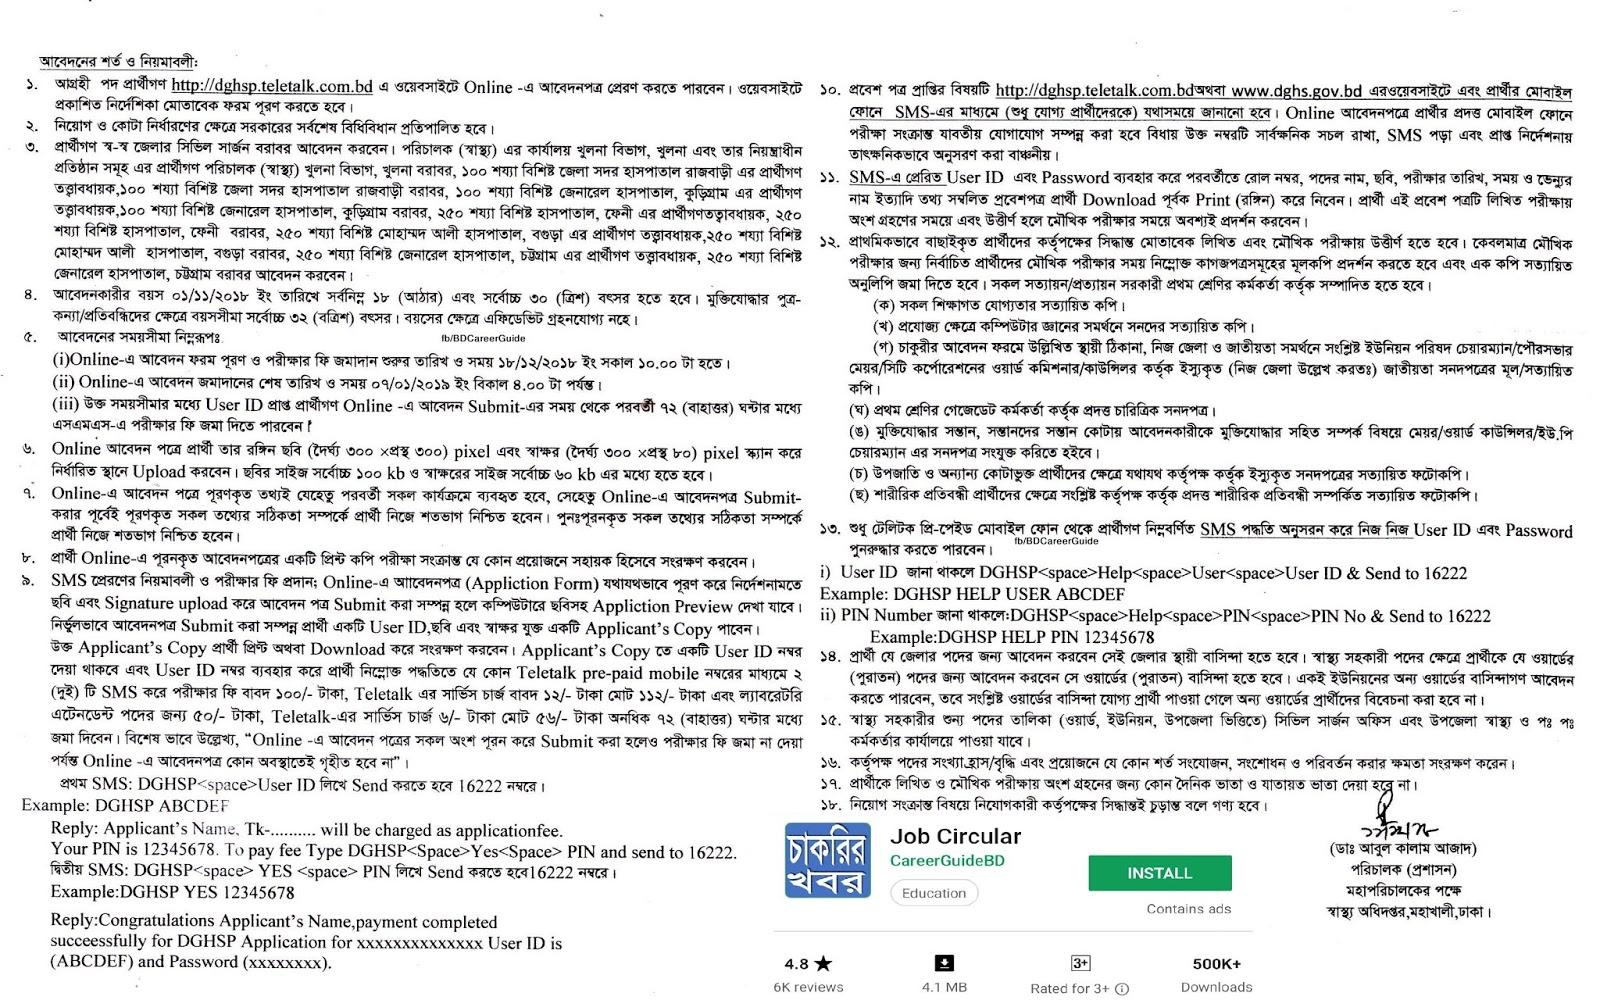 Directorate General Of Health Services DGHS Job Circular 2018